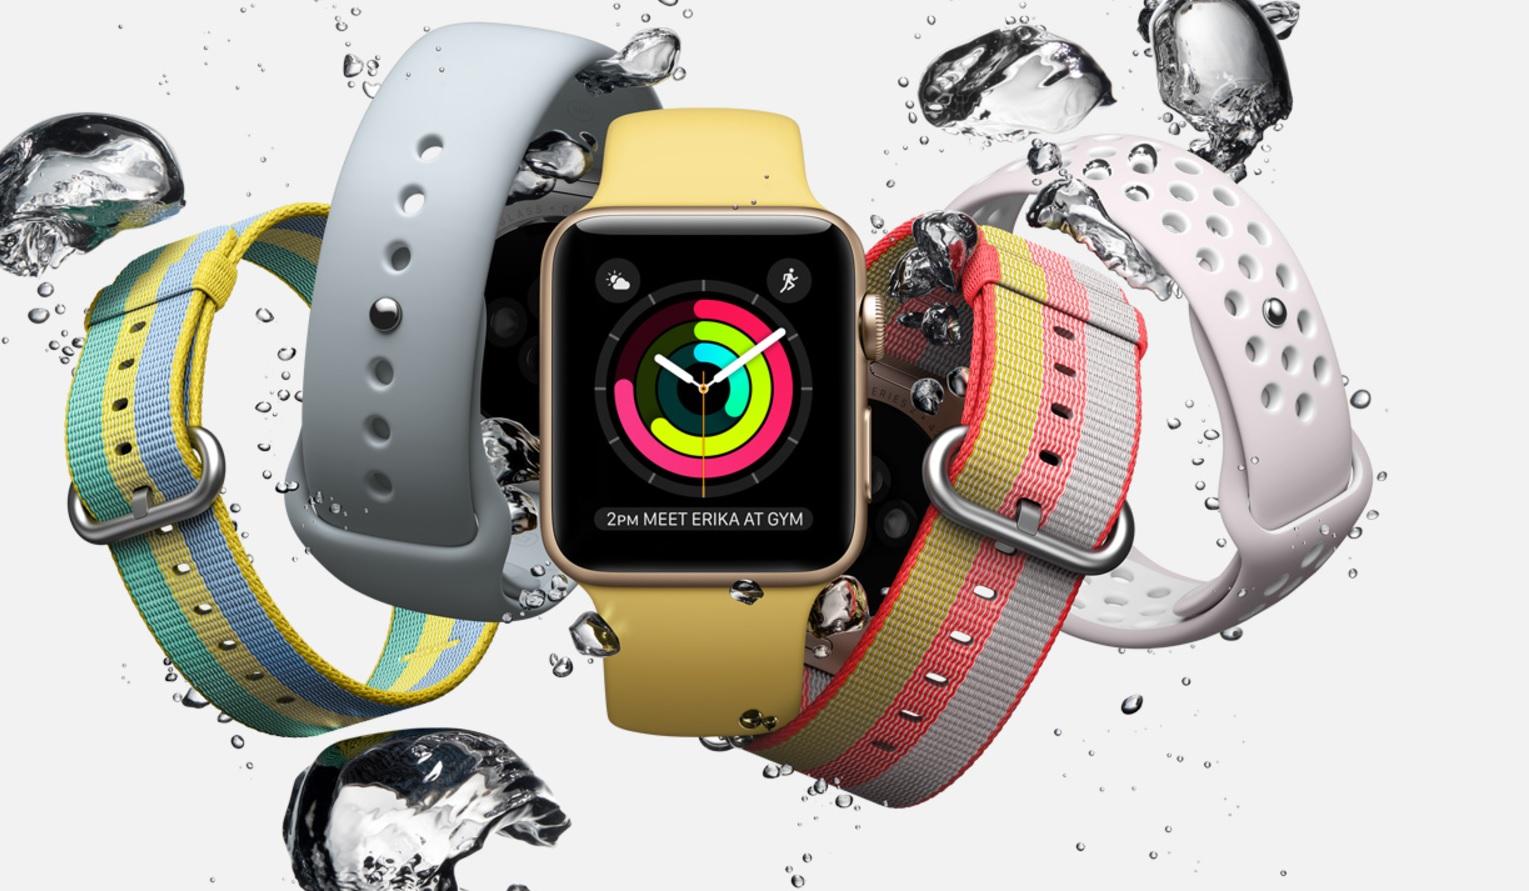 Hva må Apple gjøre med Series 3 for at du skal ville ønske deg en? Tynnere, bedre batteri, eller noe helt annet?